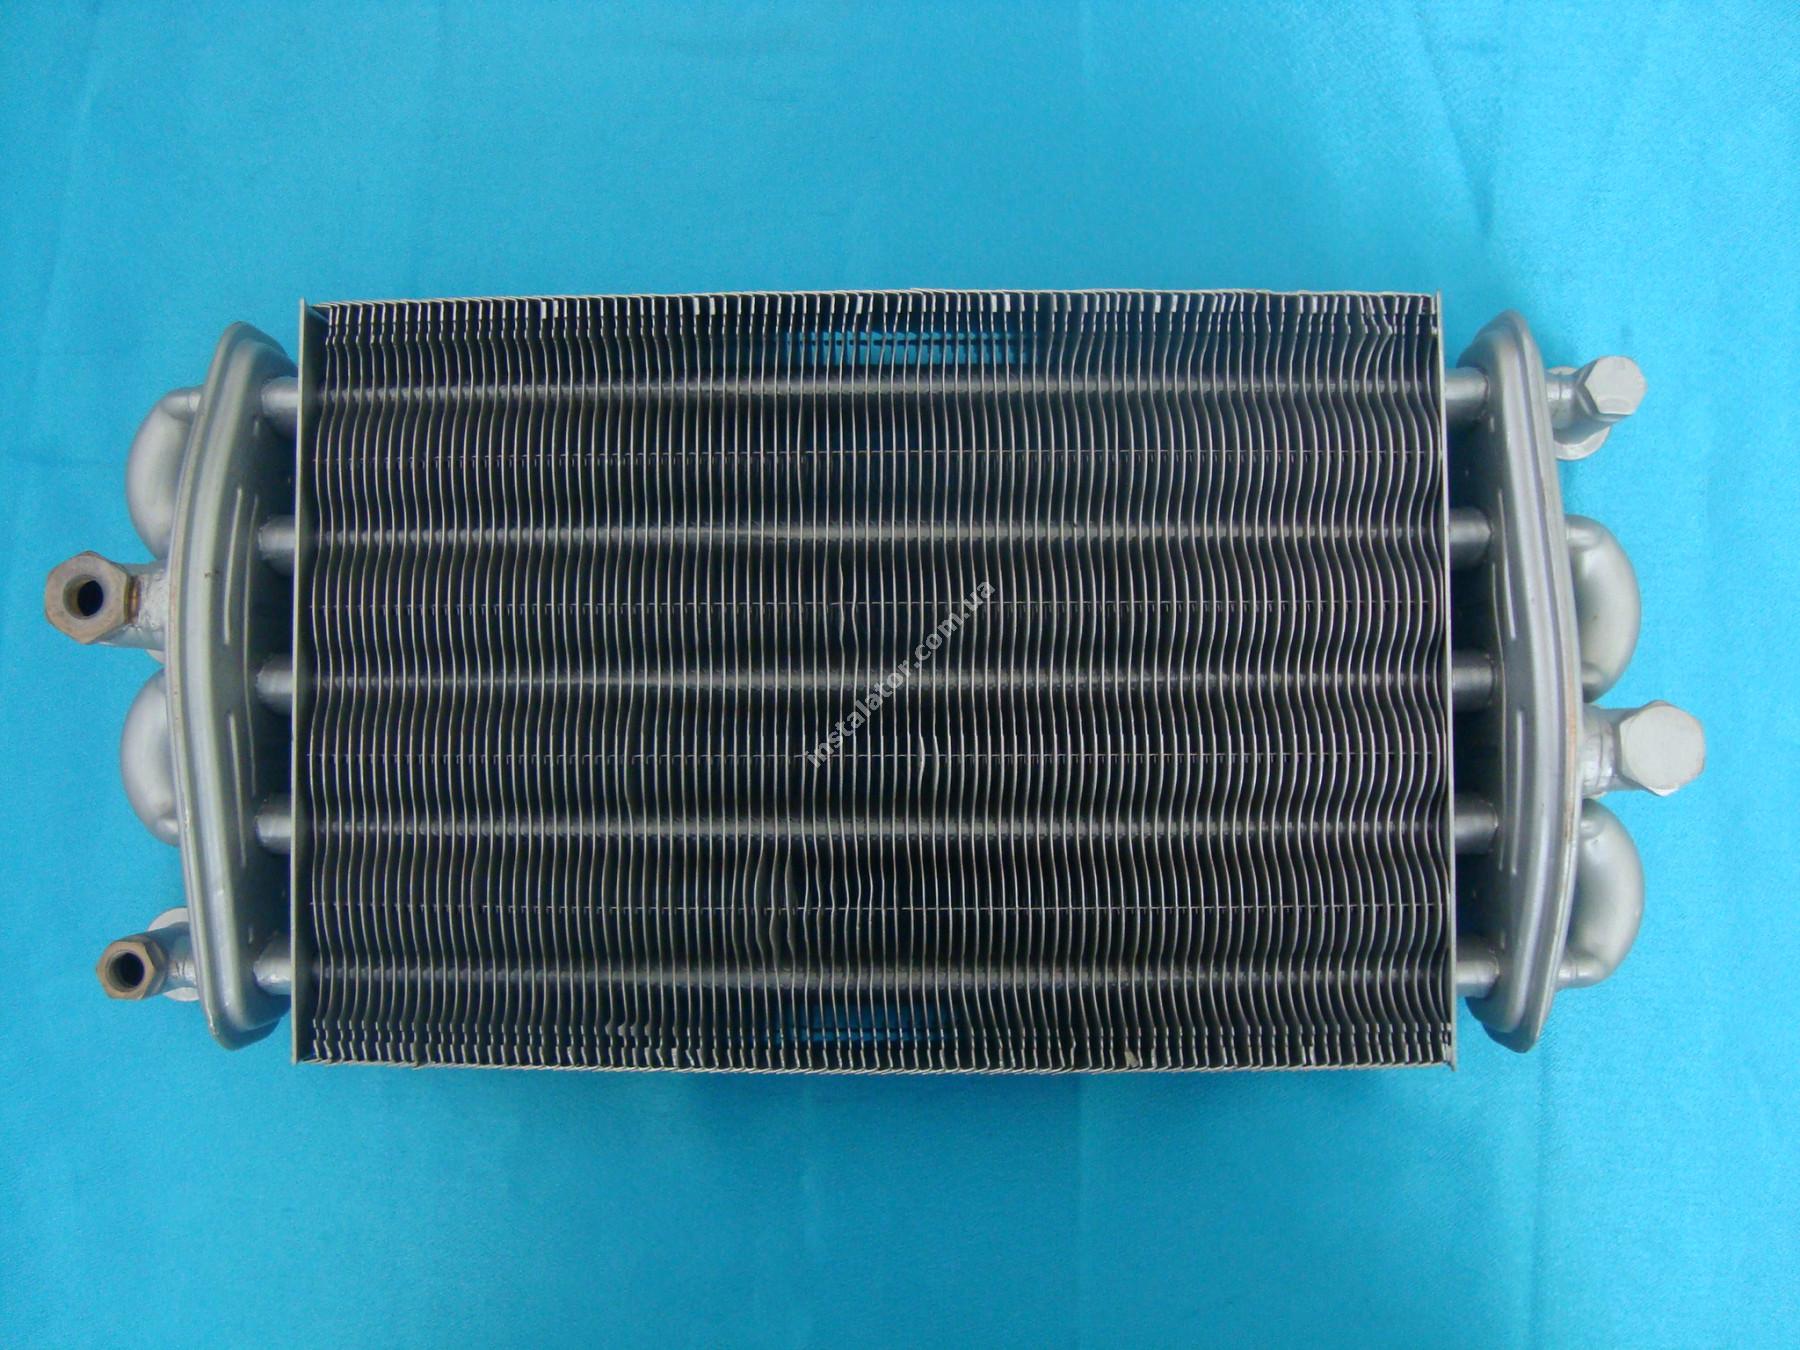 SCAMBIN10 (0020025297) Теплообмінник бітермічний FONDITAL full-image-0